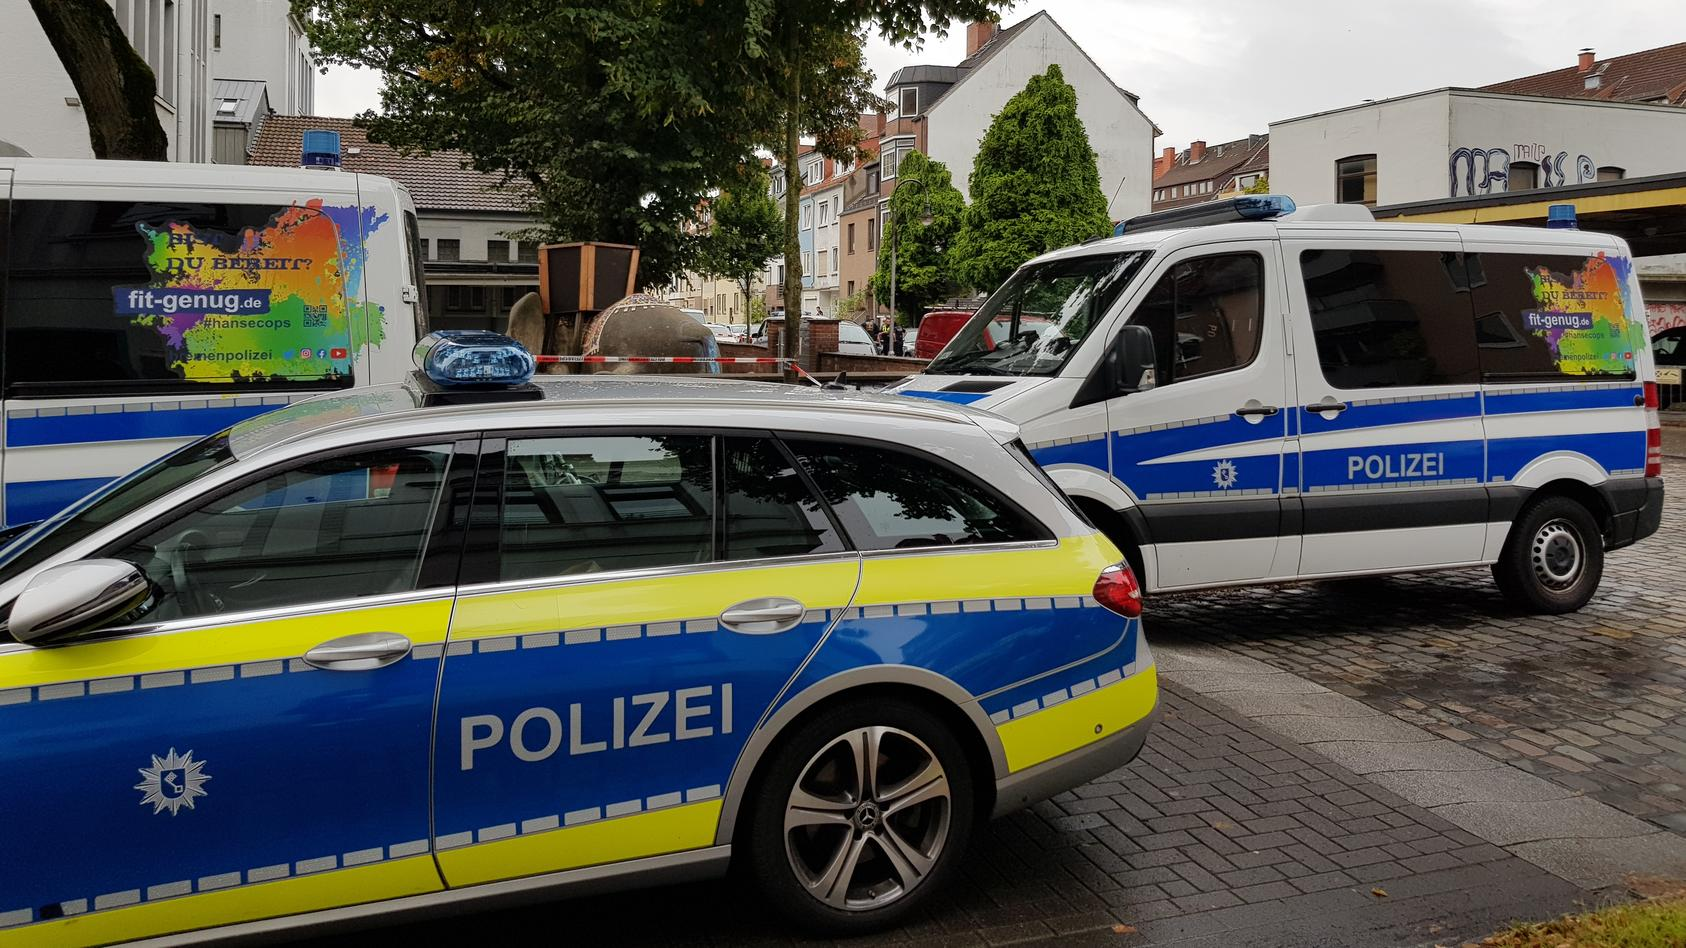 Schüsse fielen von einem Balkon in der Elbstraße in Bremen. Die Polizei war mit Spezialeinsatzkräften vor Ort.